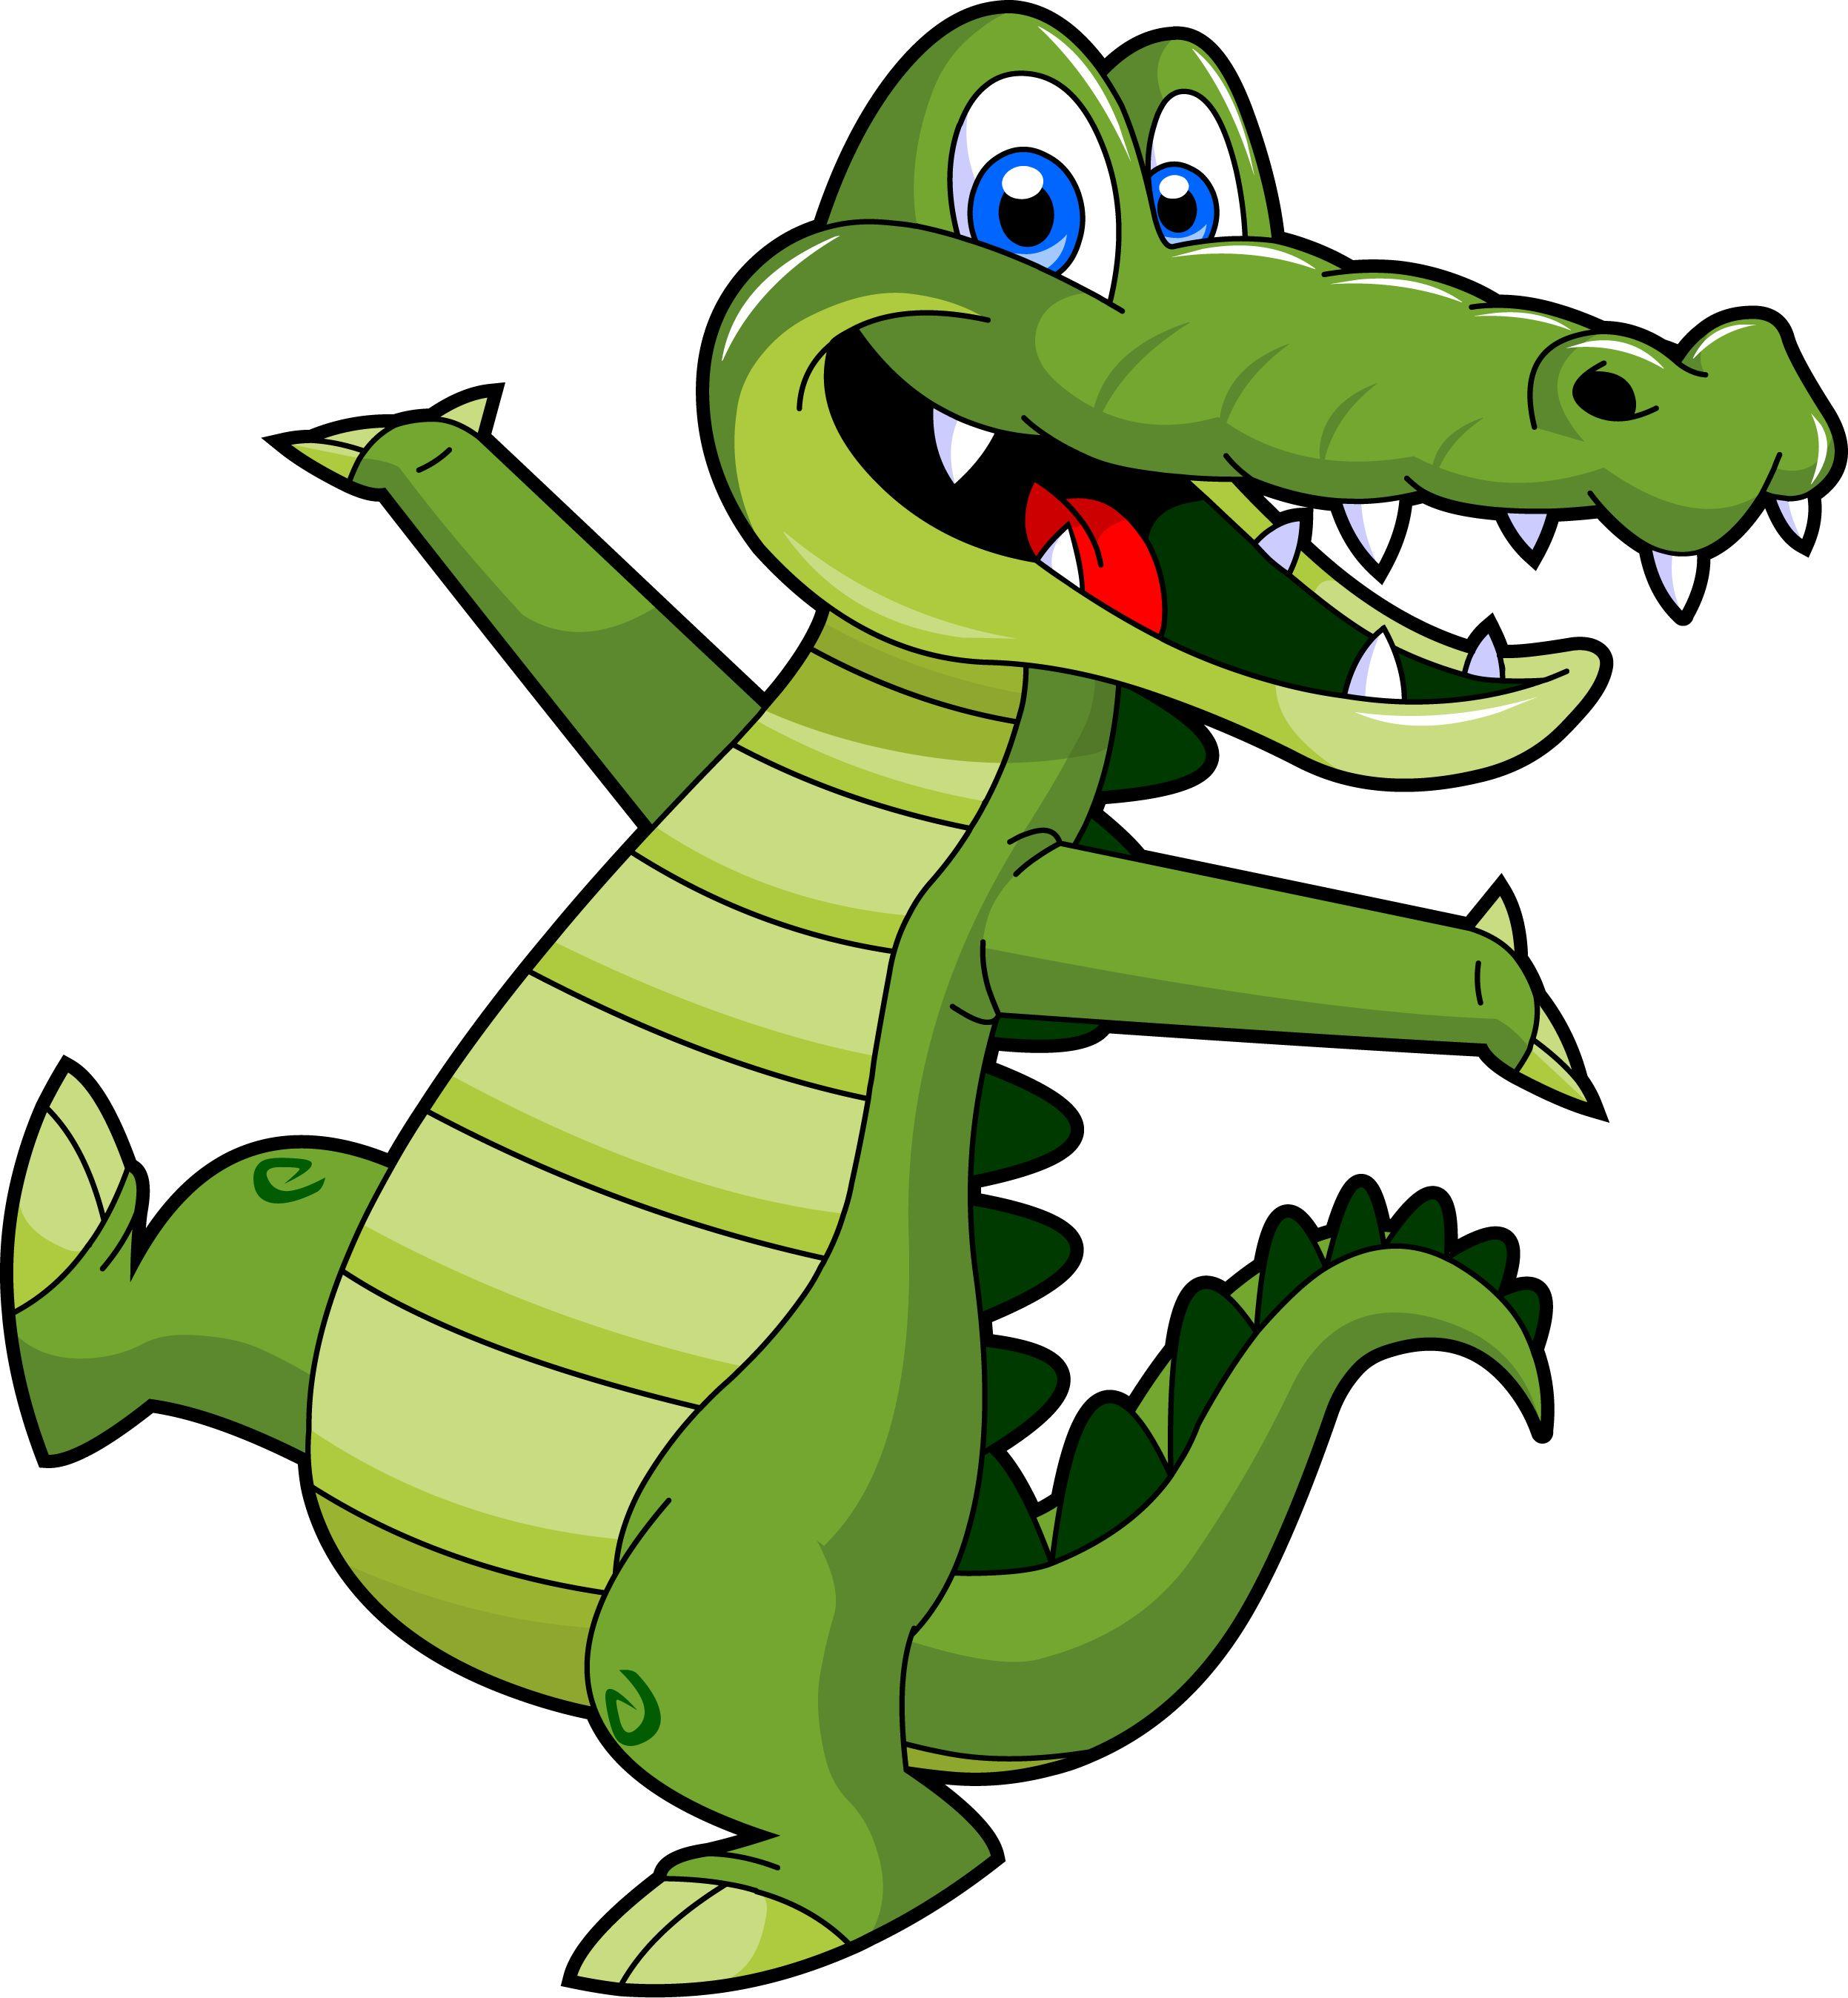 Reptile Clipart - Cliparts.co